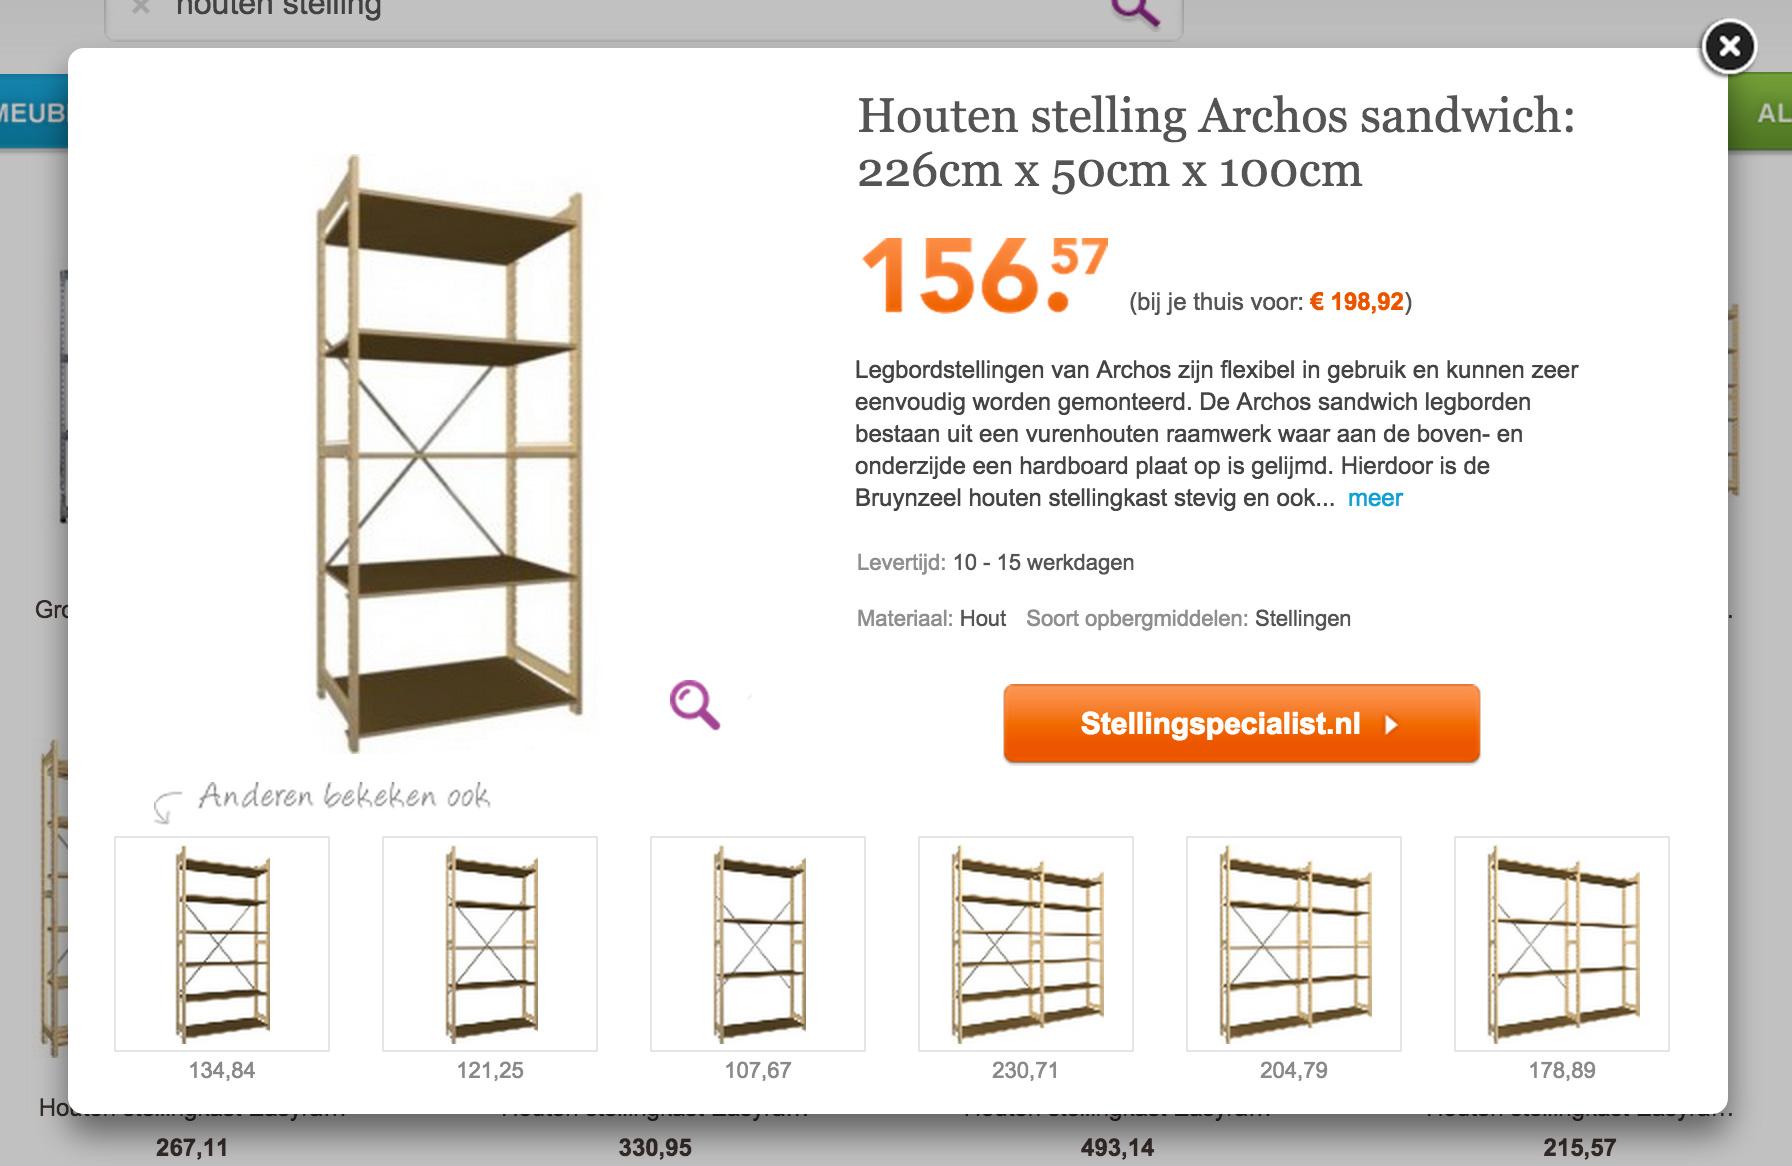 stellingspecialist.nl